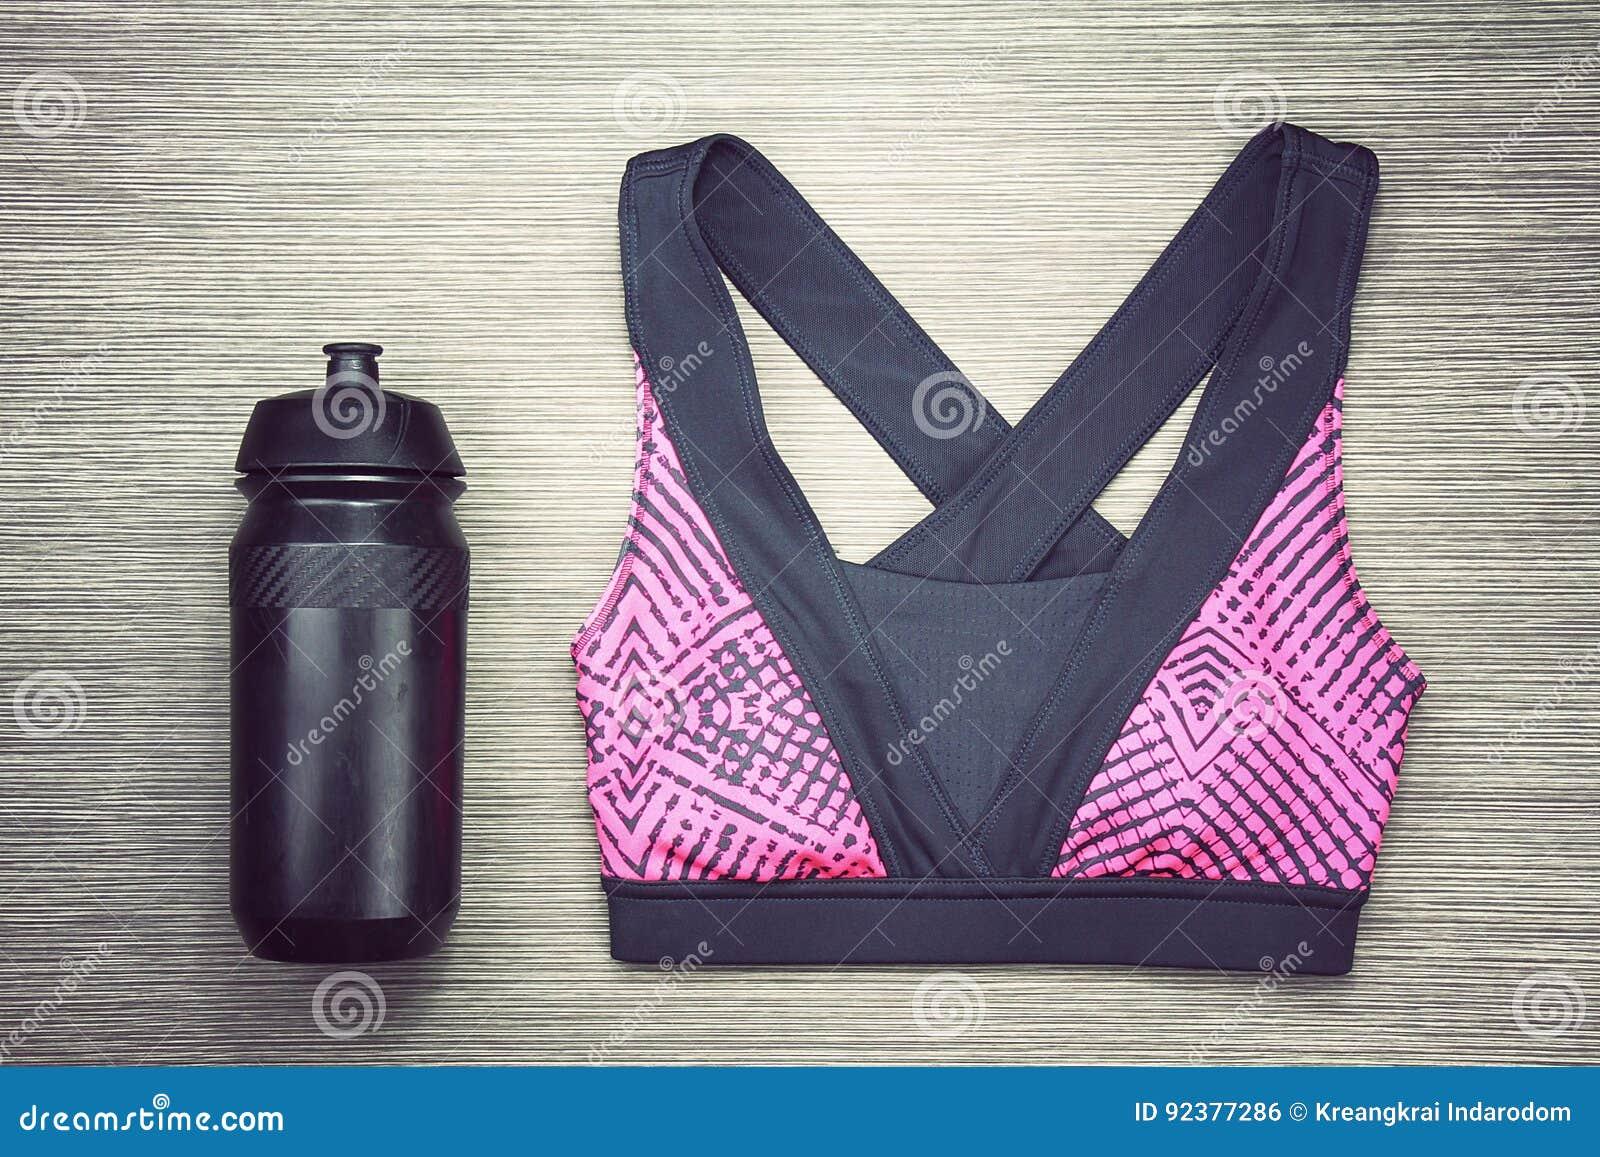 Αθλητικός στηθόδεσμος γυναικών ` s και μαύρο μπουκάλι νερό ποδηλάτων Αθλητικές εξαρτήματα και μόδα